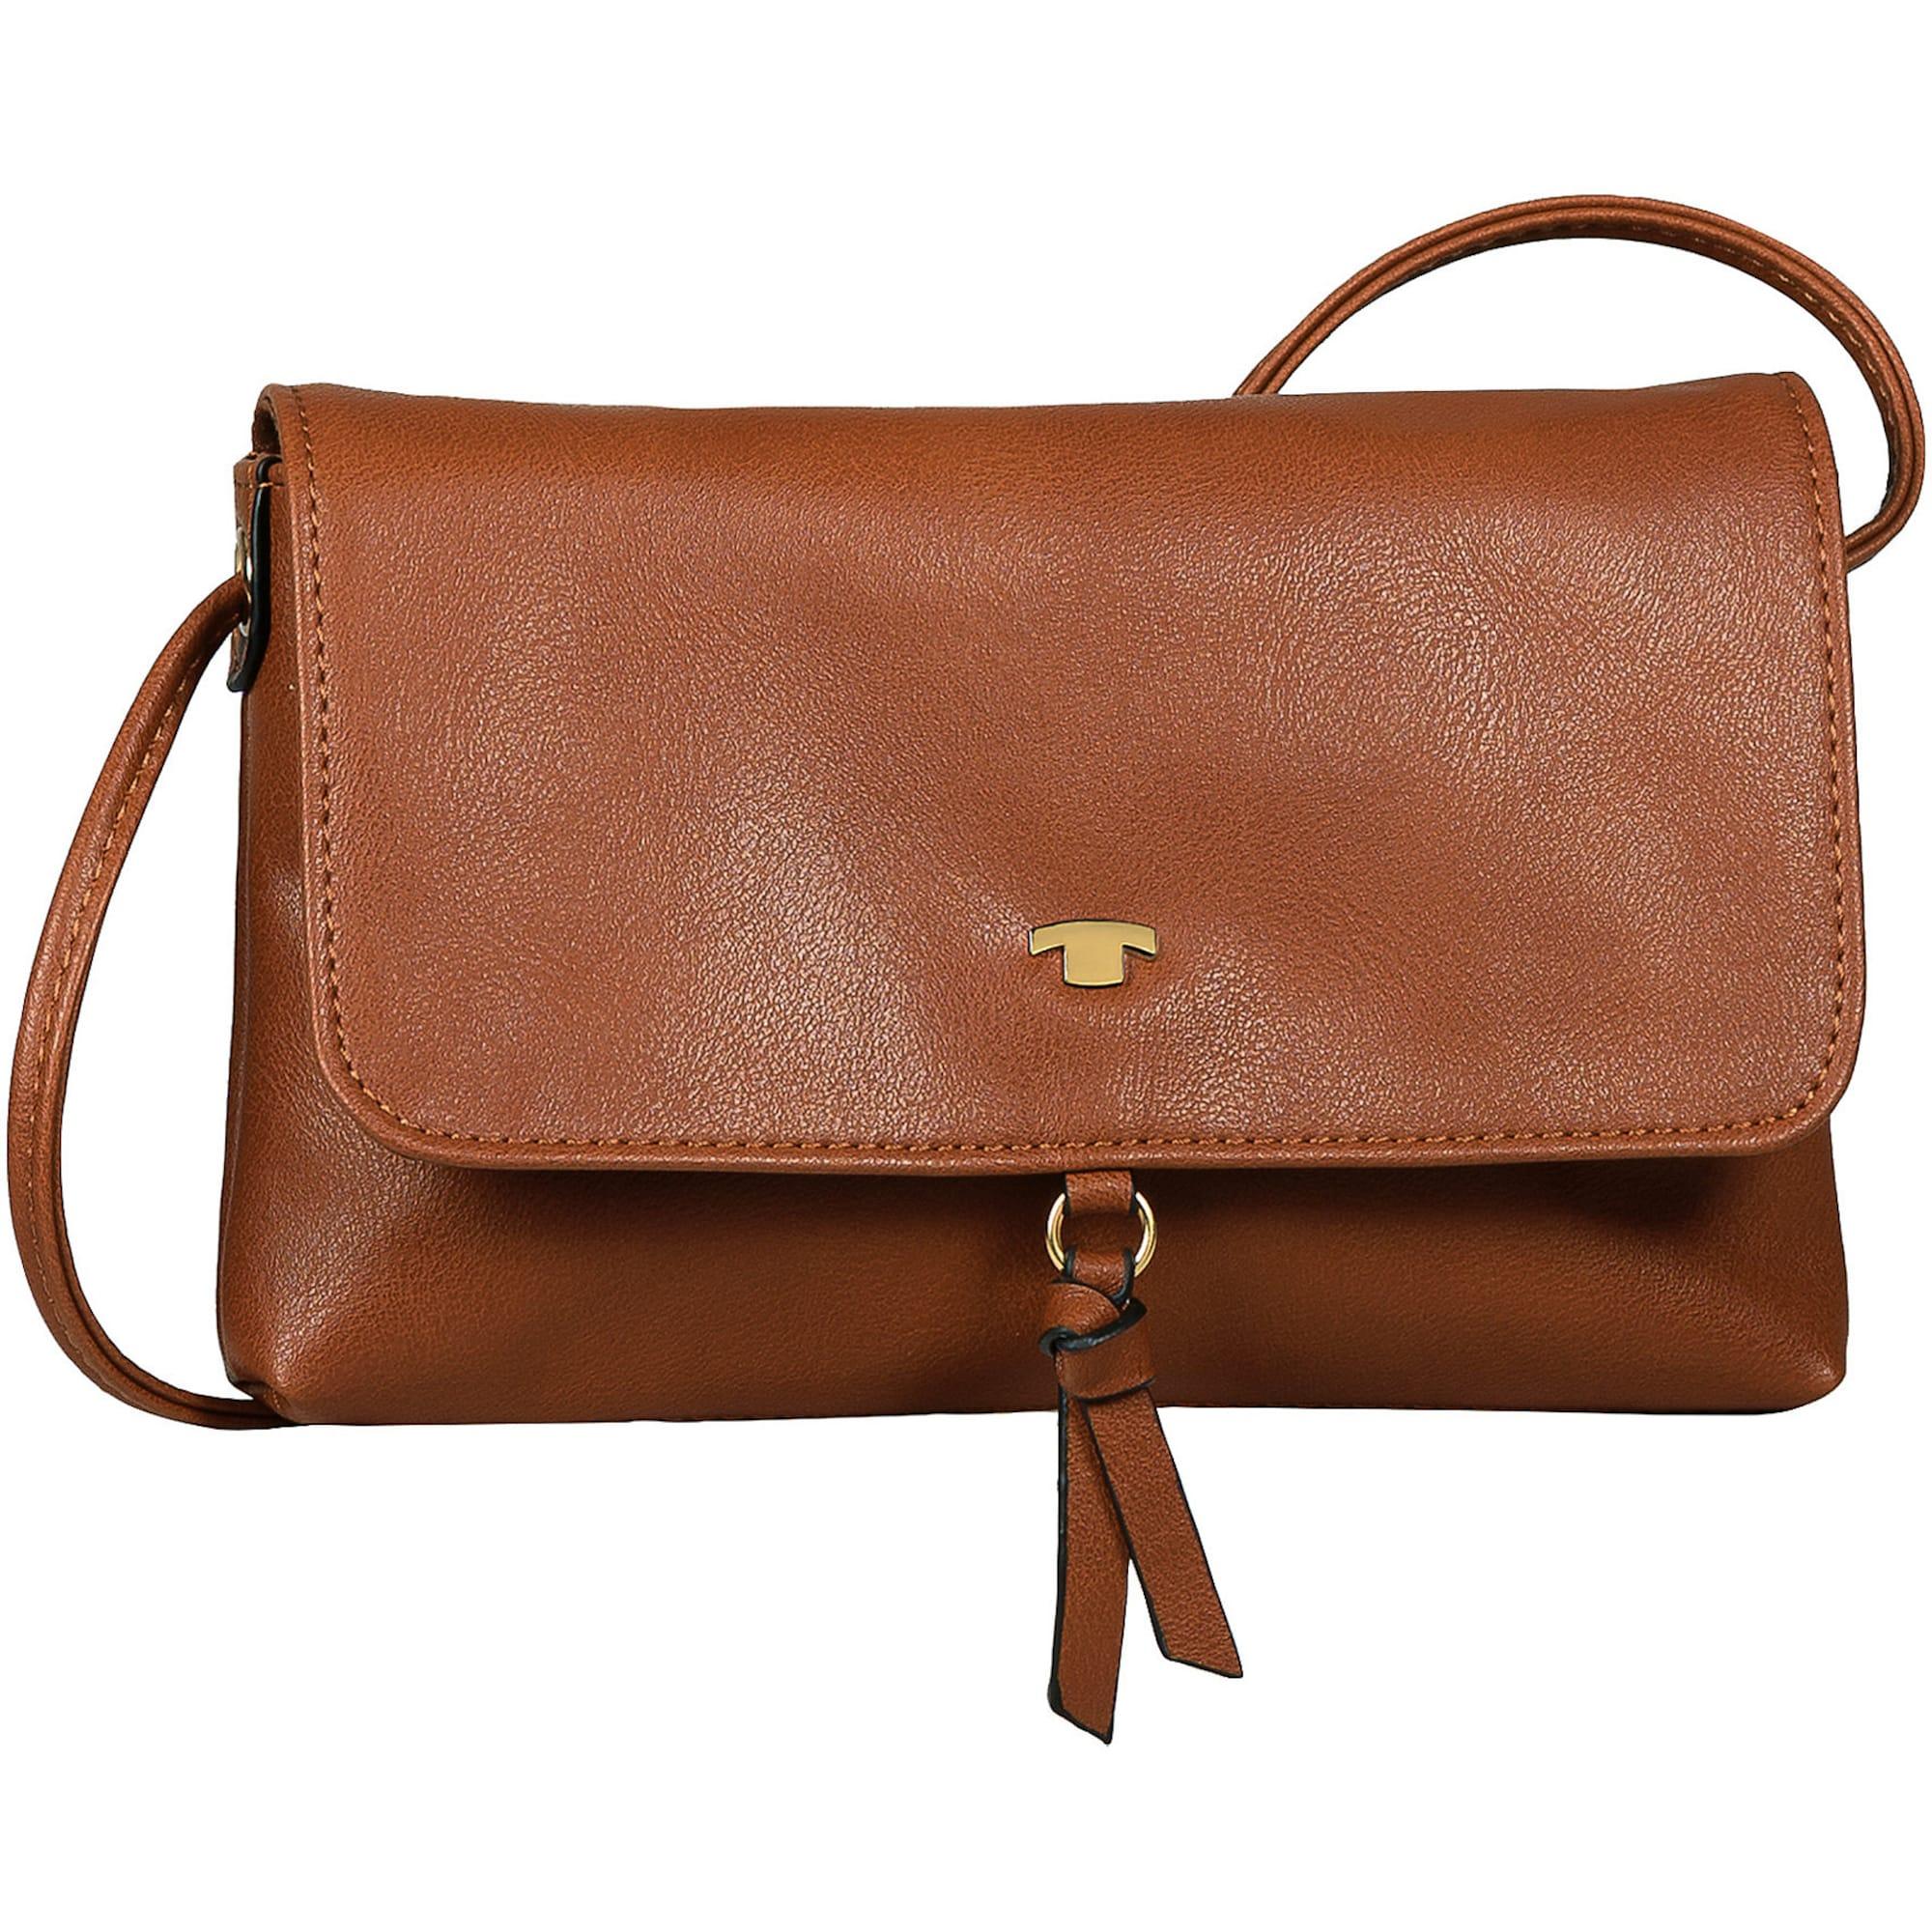 Abendtaschen 'Luna Fall' | Taschen > Handtaschen > Abendtaschen | Braun | TOM TAILOR